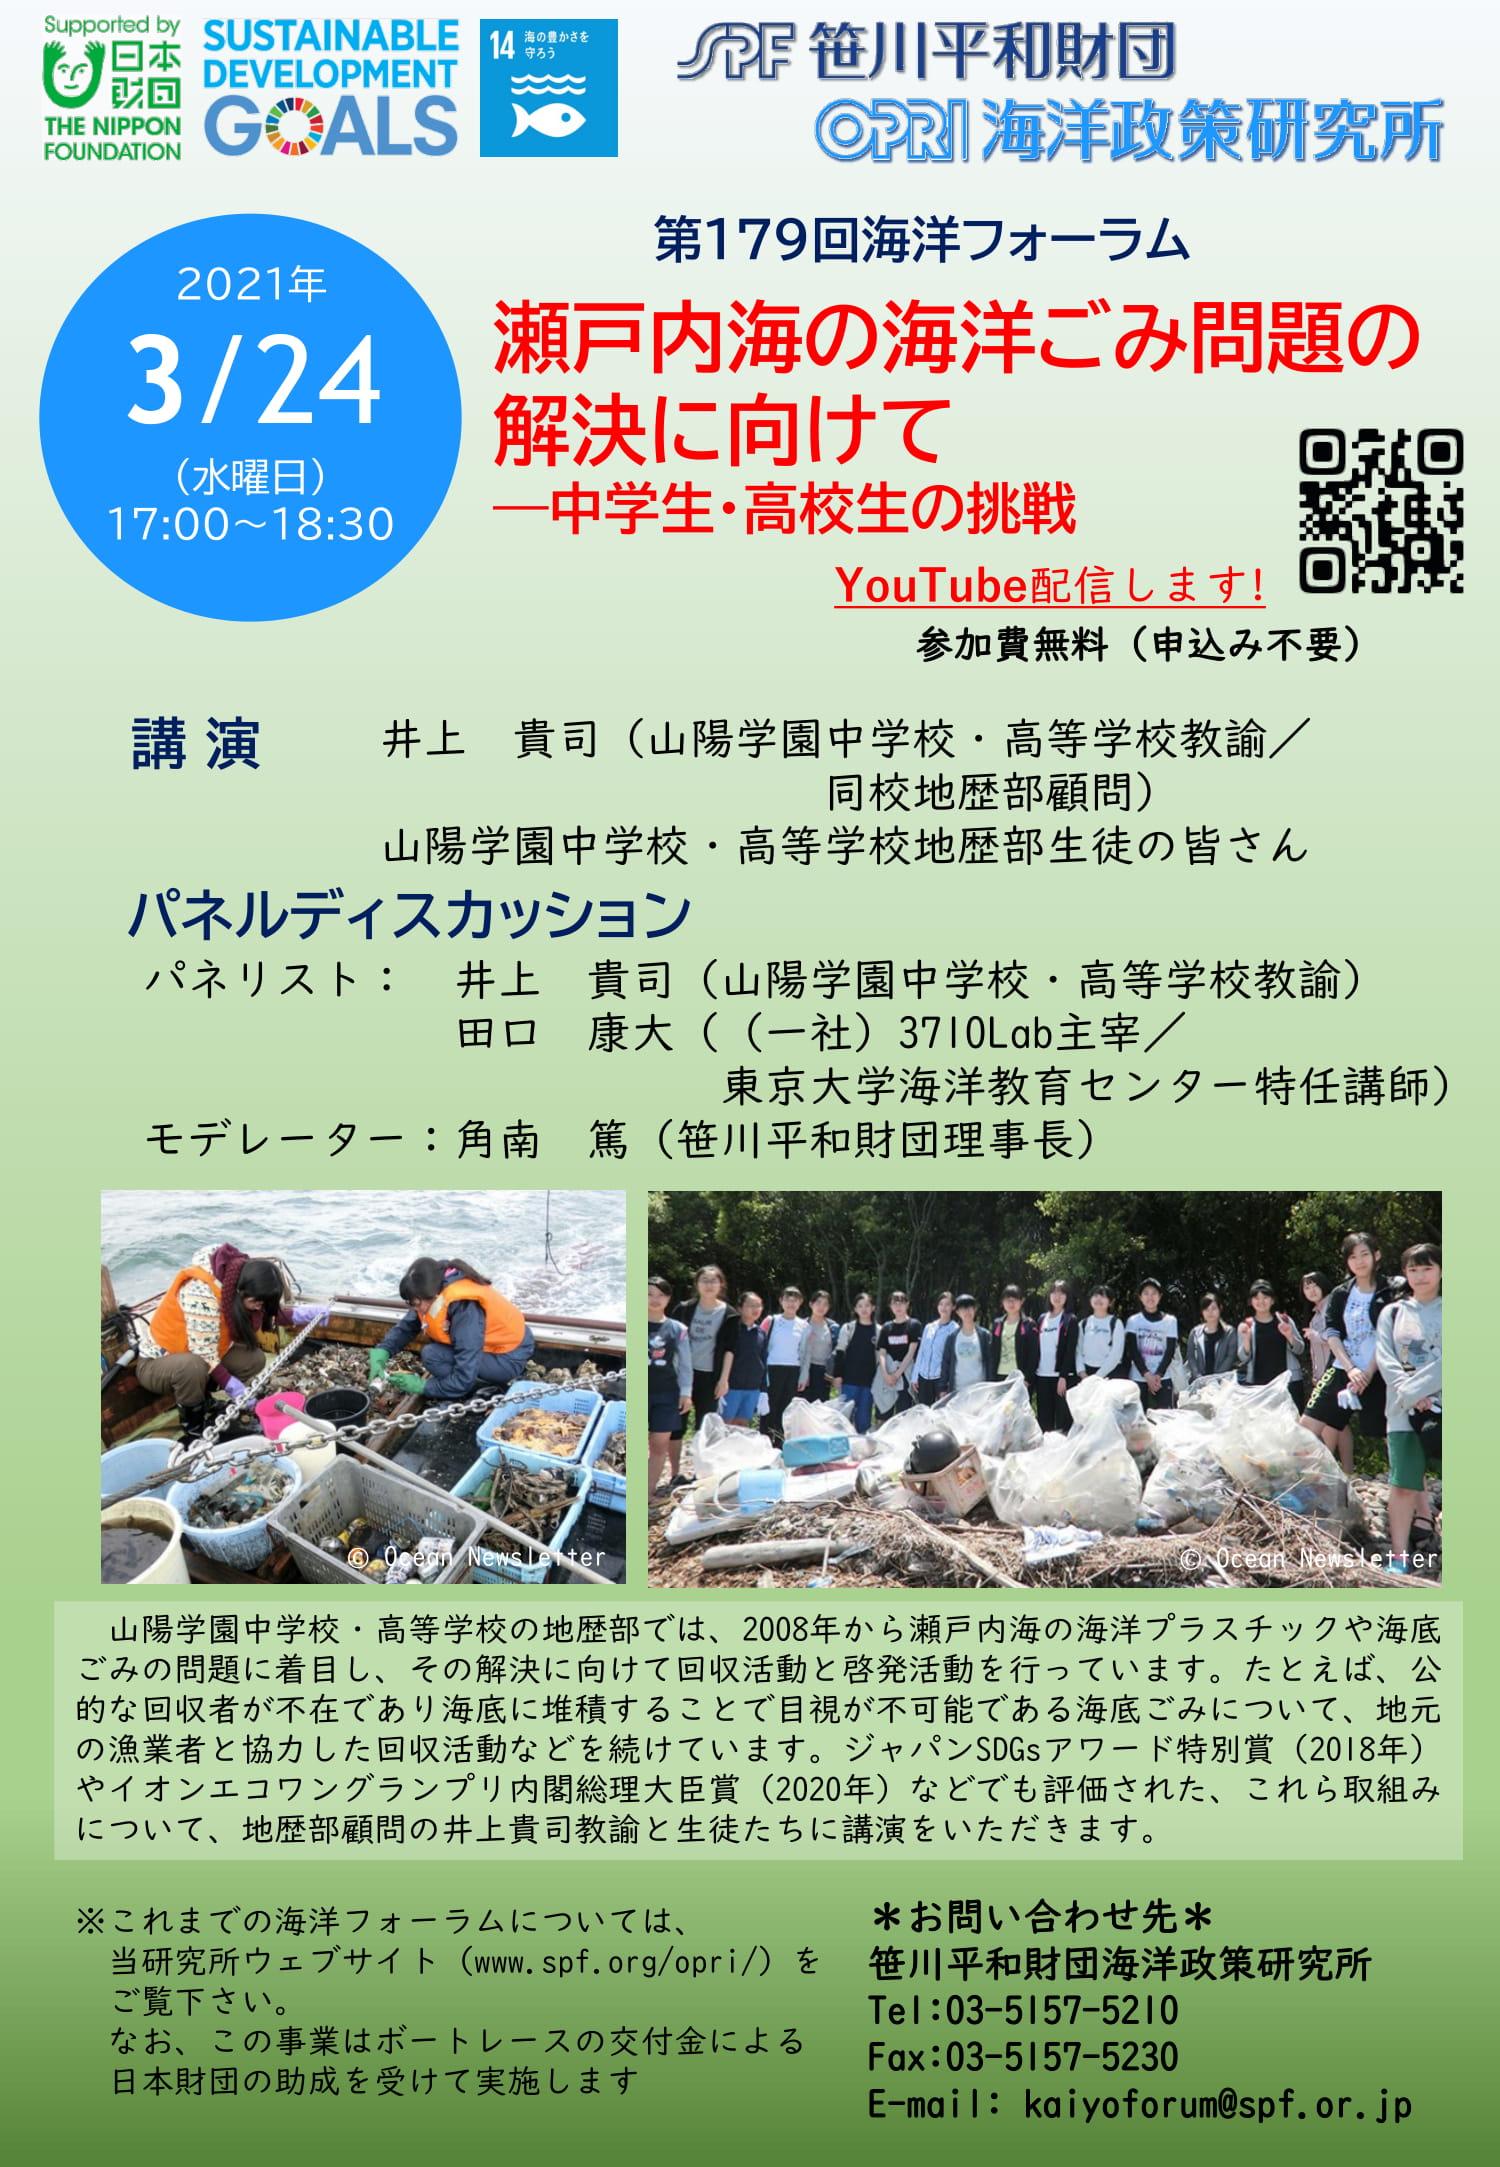 第179回海洋フォーラム開催案内 (1)-1